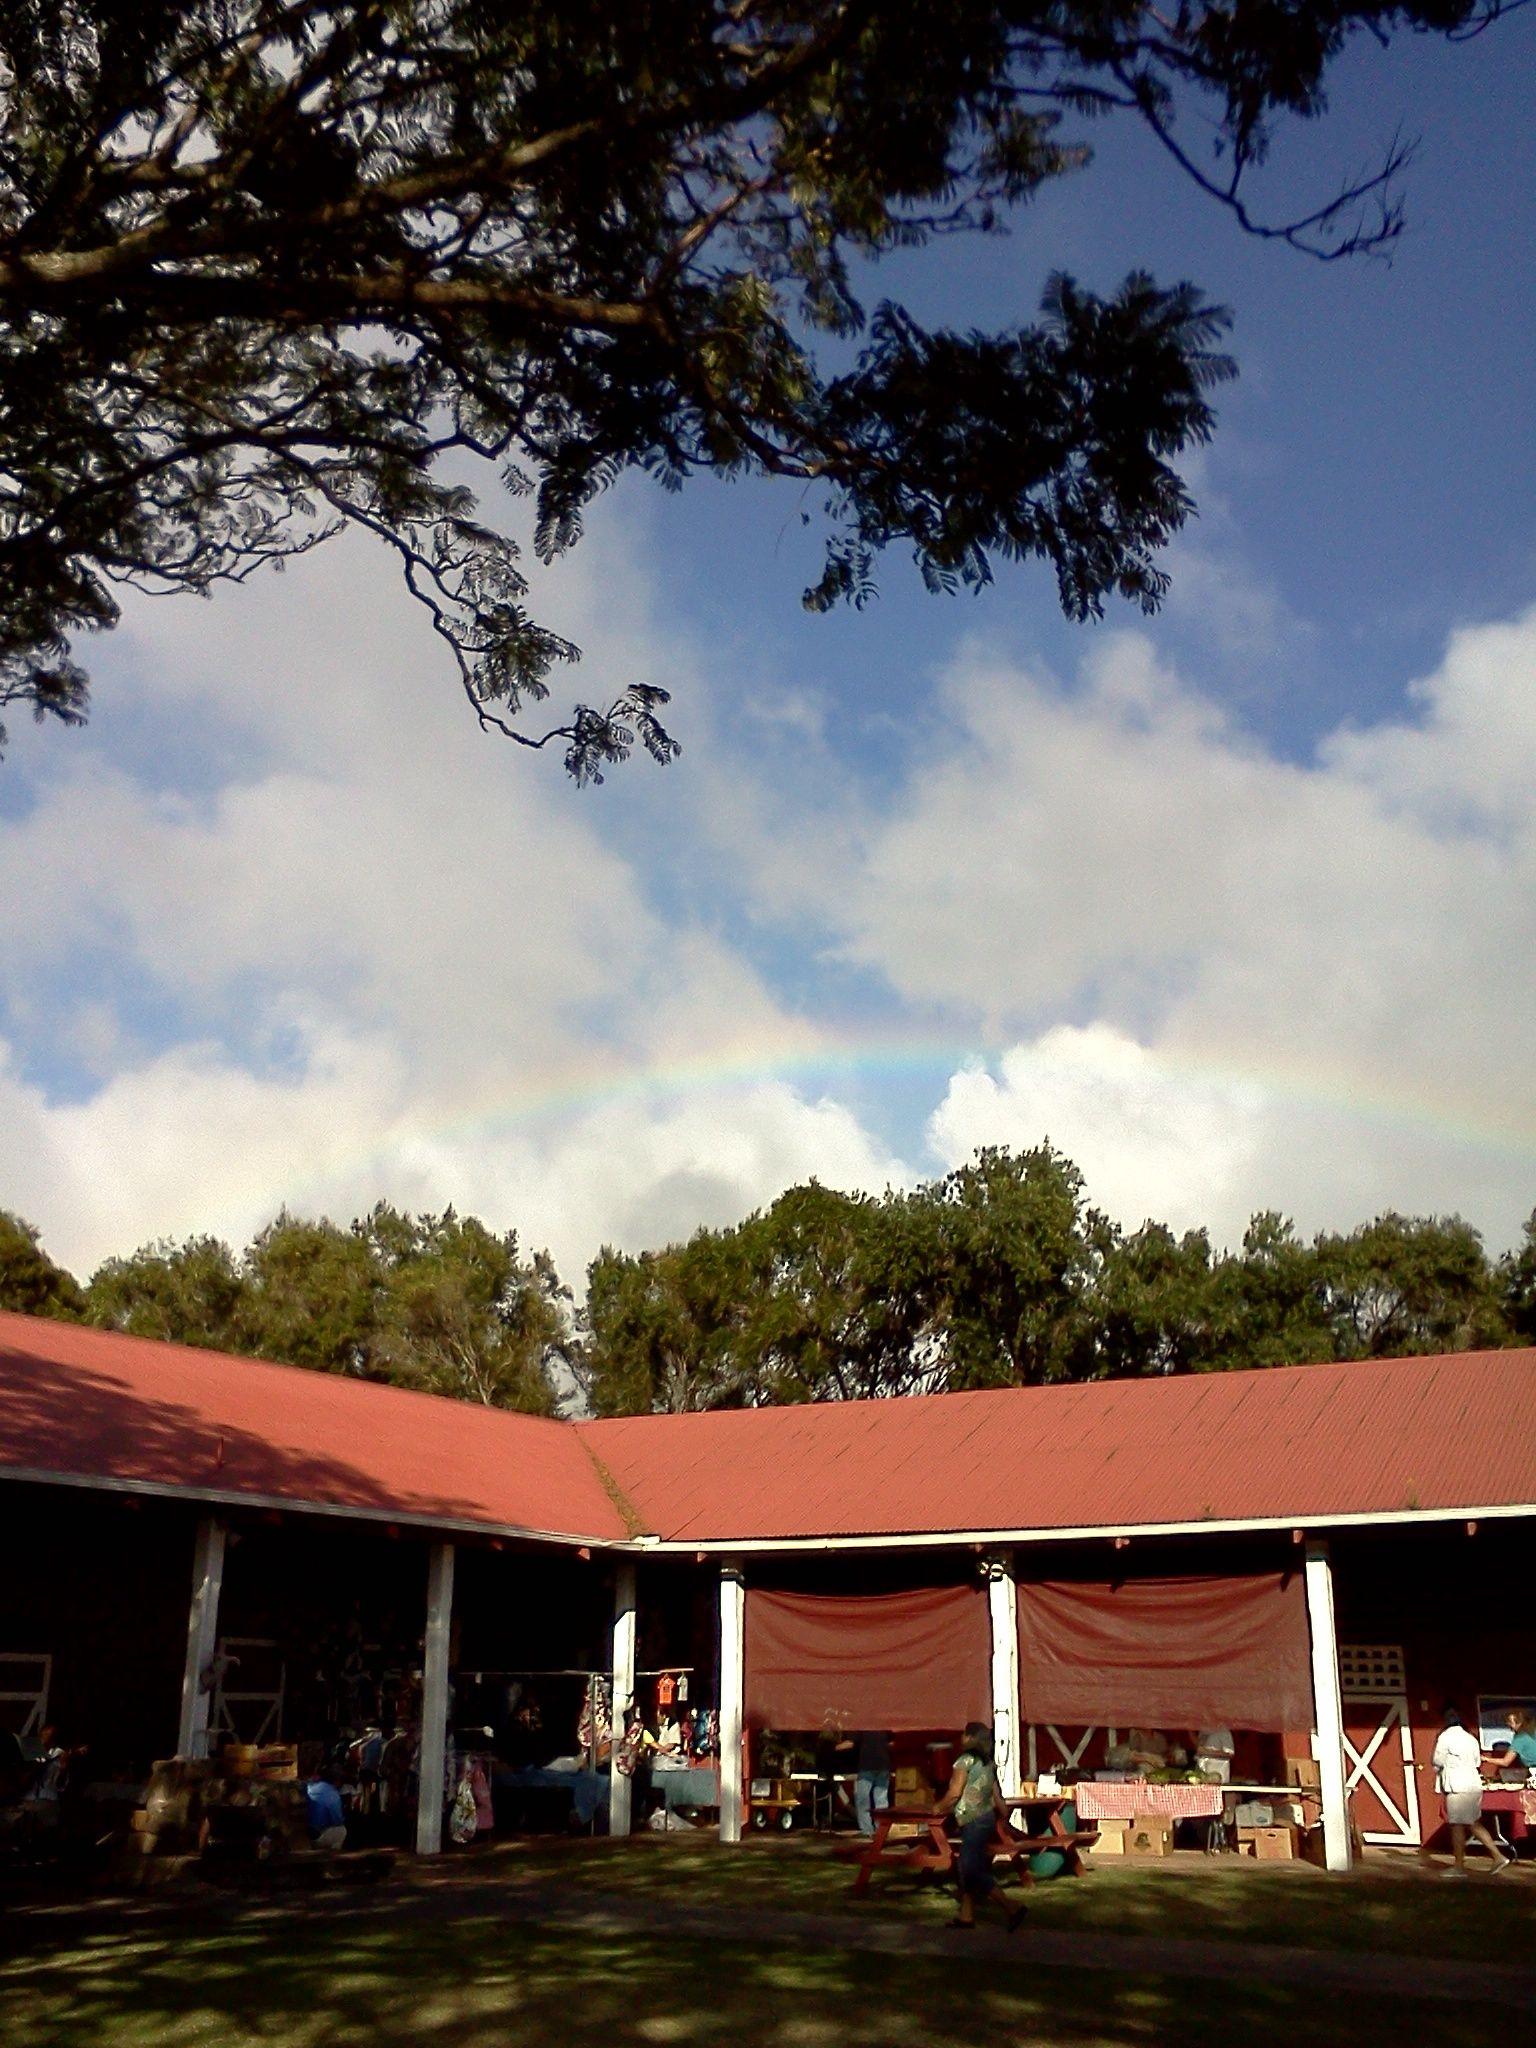 Rainbow over Pukalani Stables farmers market, Kamuela